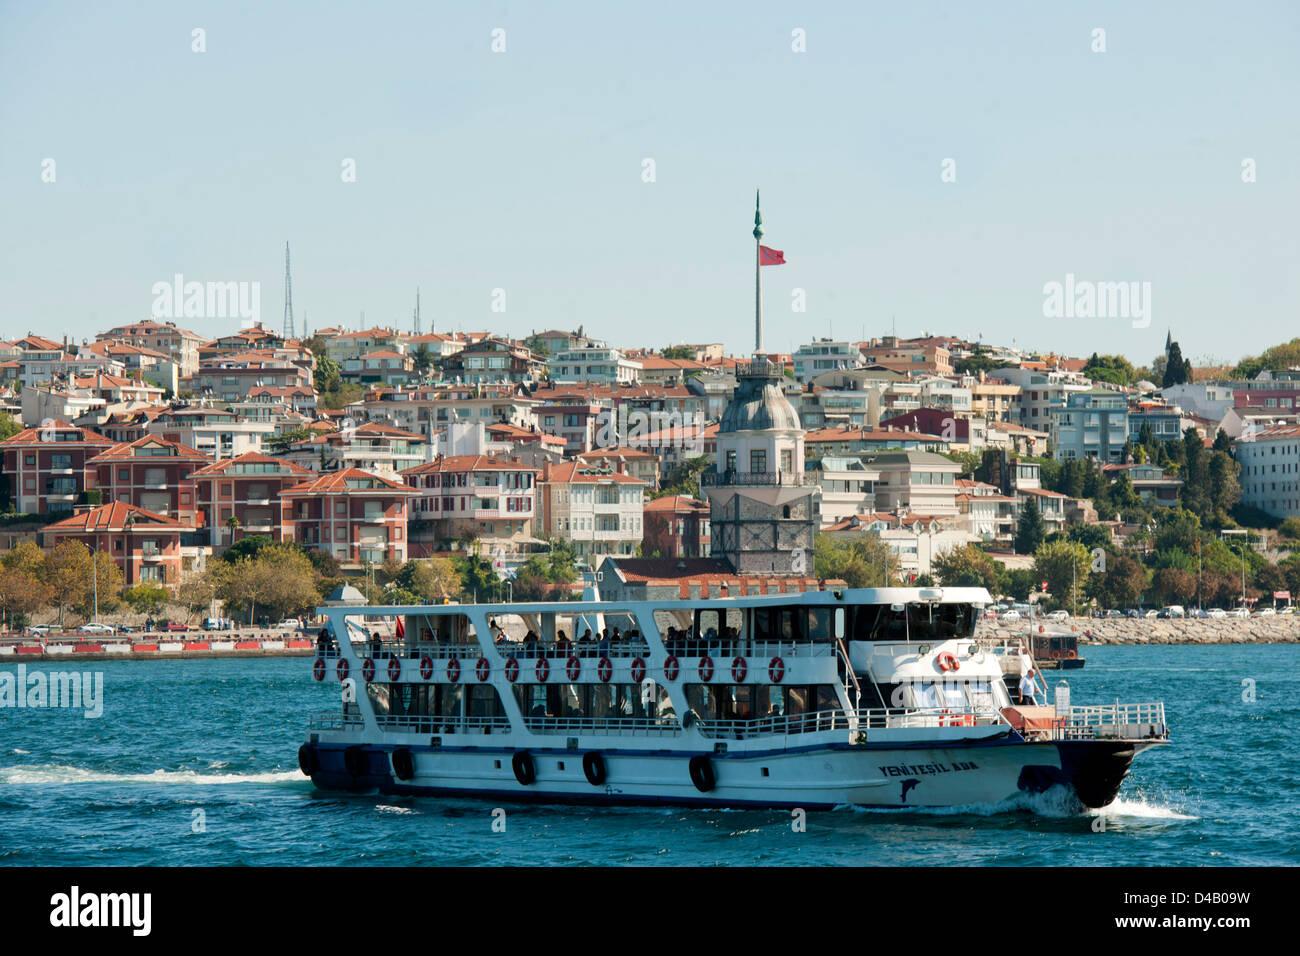 Ägypten, Istanbul, Üsküdar, Fährschiff Vor Dem Leanderturm (Türk. Kiz Kulesi, Mädchenturm) Stockbild